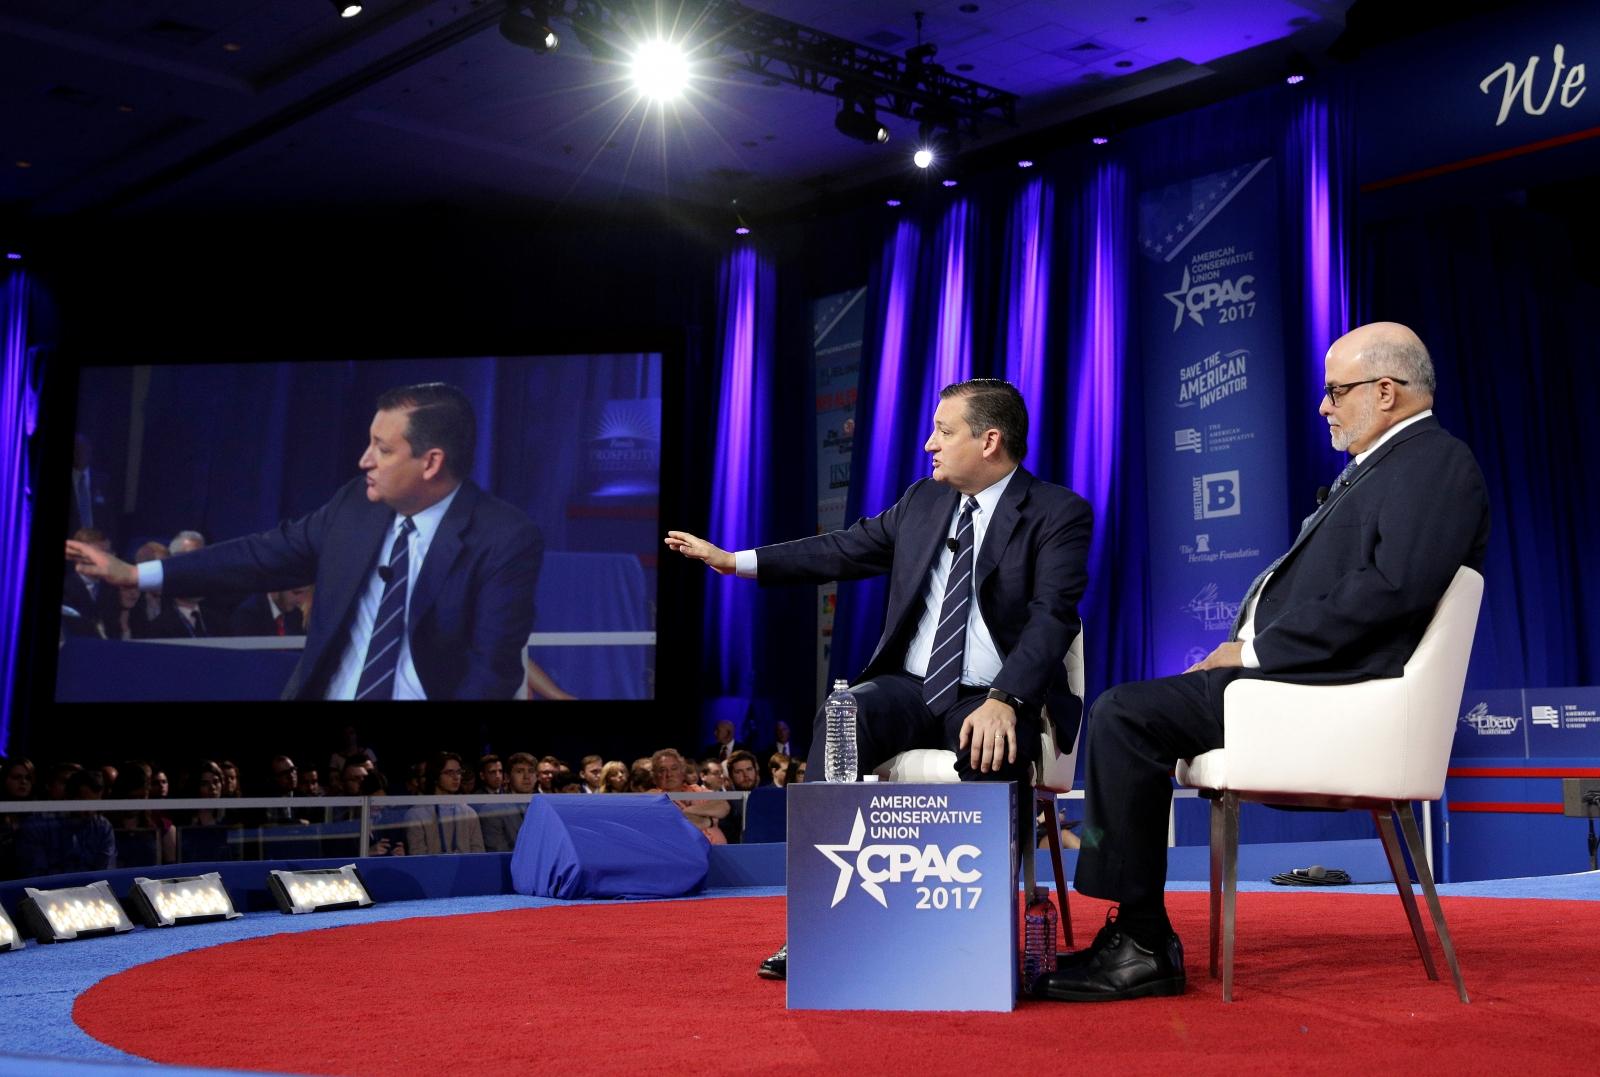 Ted Cruz at CPAC 2017